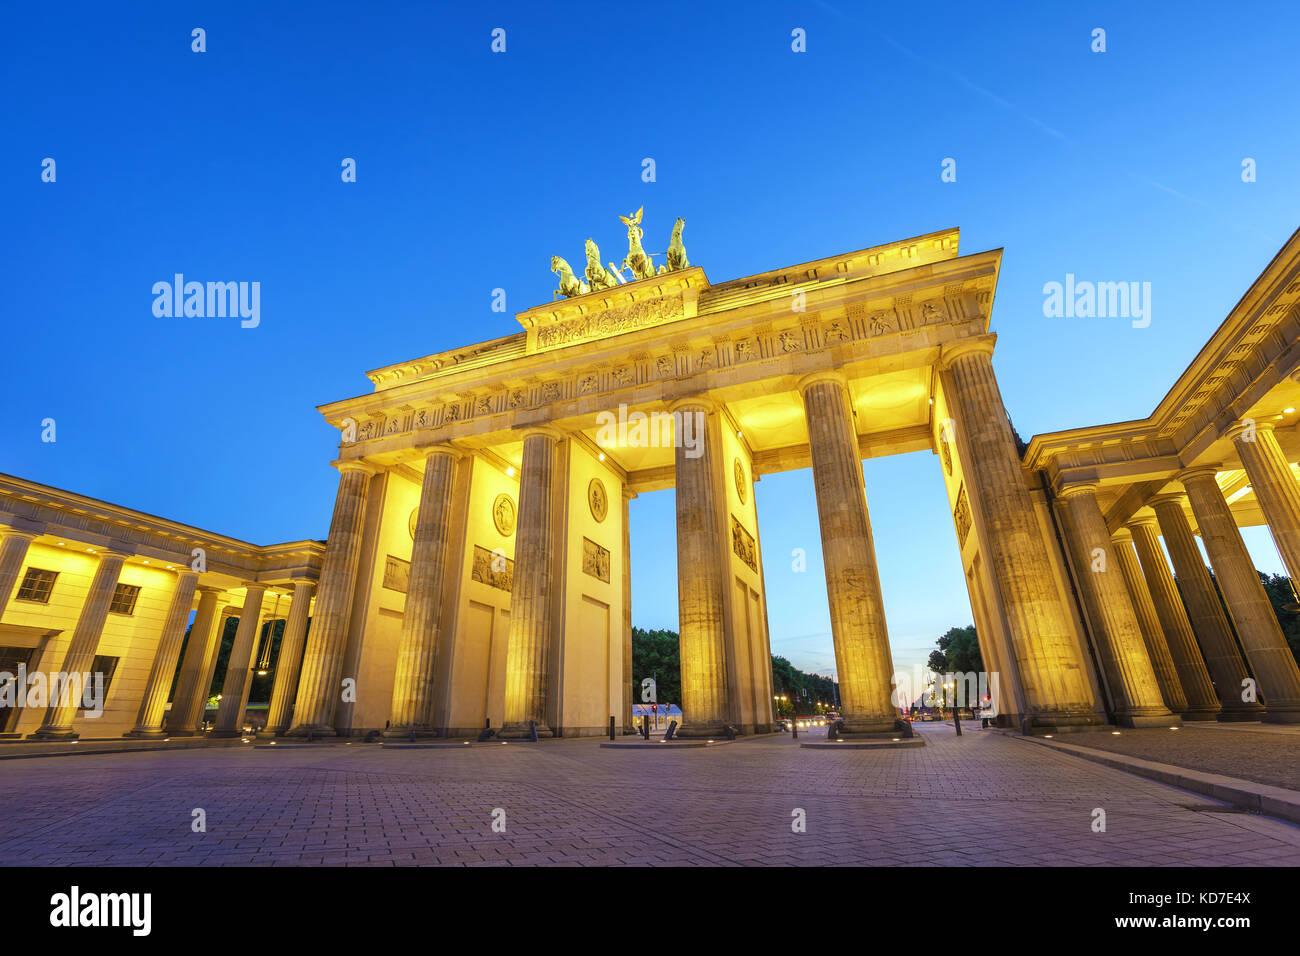 Berlin Night Skyline der Stadt am Brandenburger Tor (Brandenburger Tor), Berlin, Deutschland Stockbild